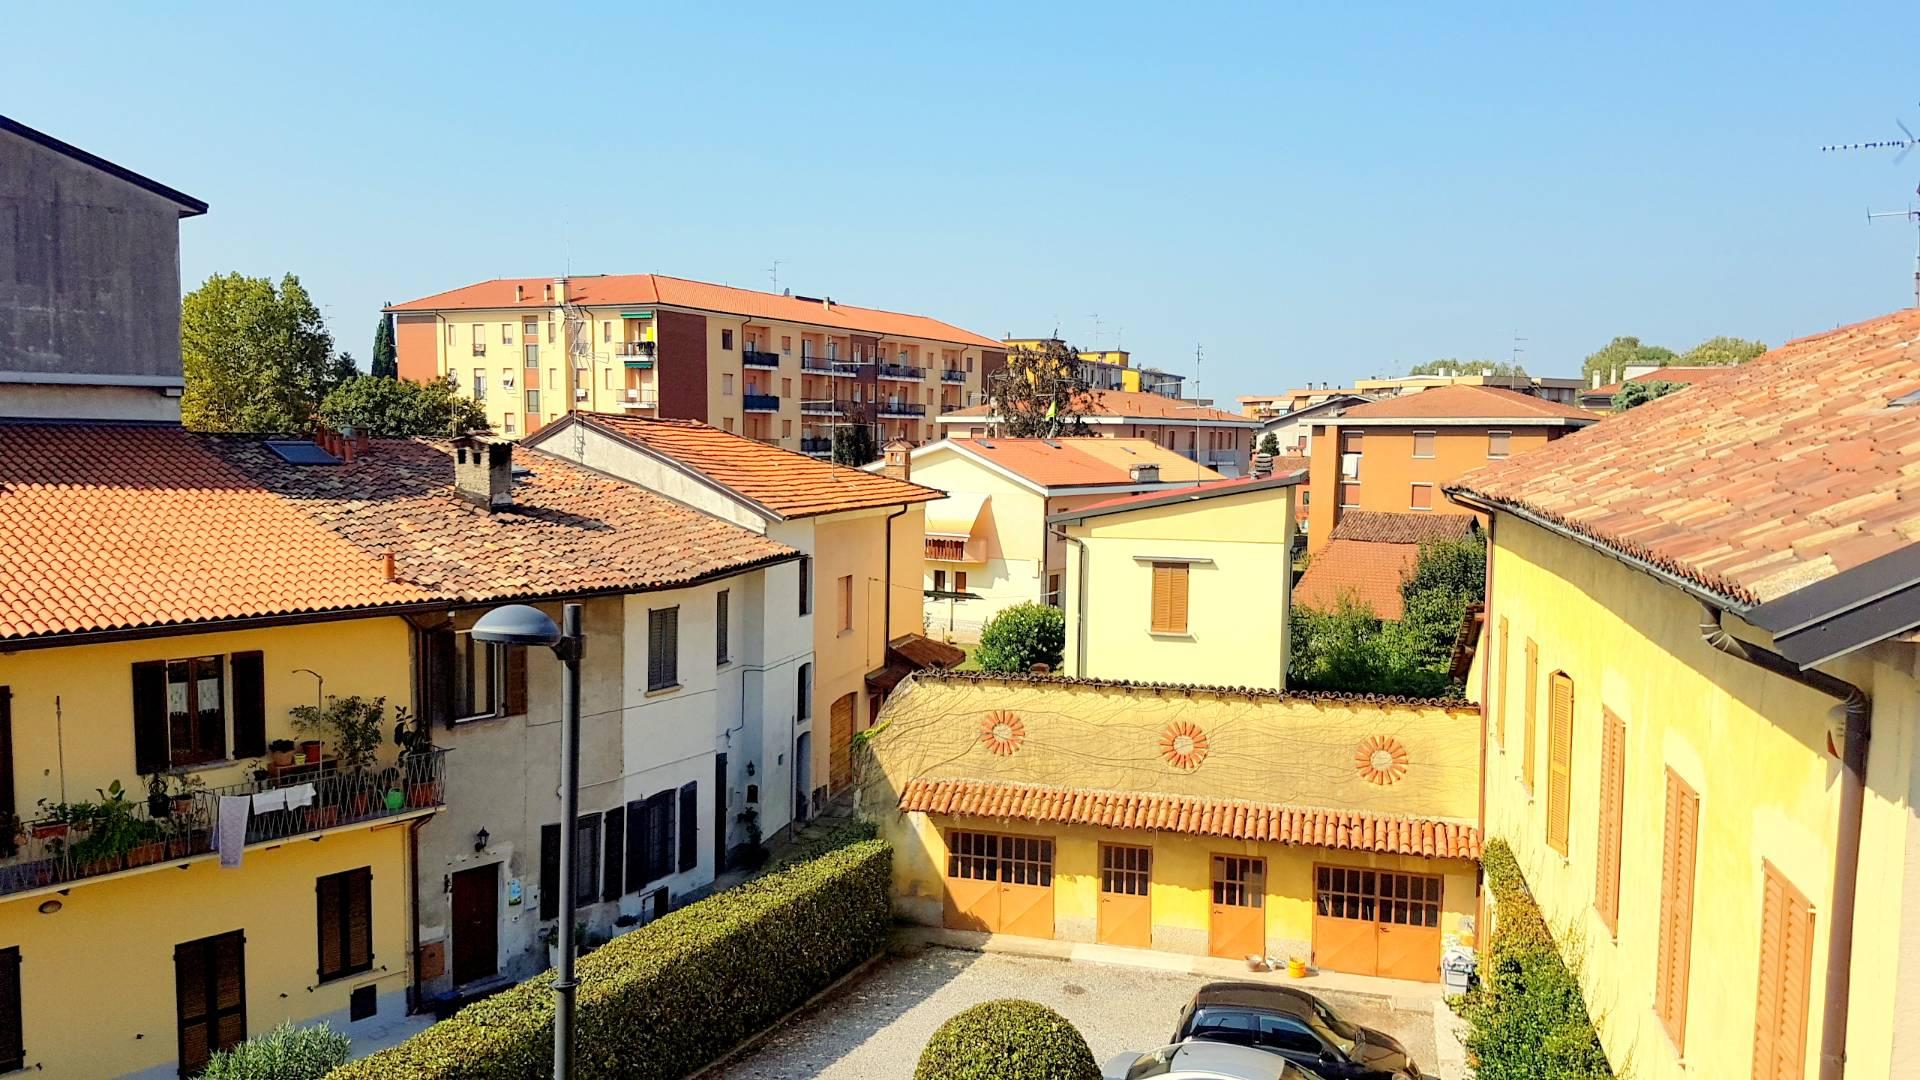 Appartamento in affitto a Trezzo sull'Adda, 2 locali, prezzo € 450   PortaleAgenzieImmobiliari.it